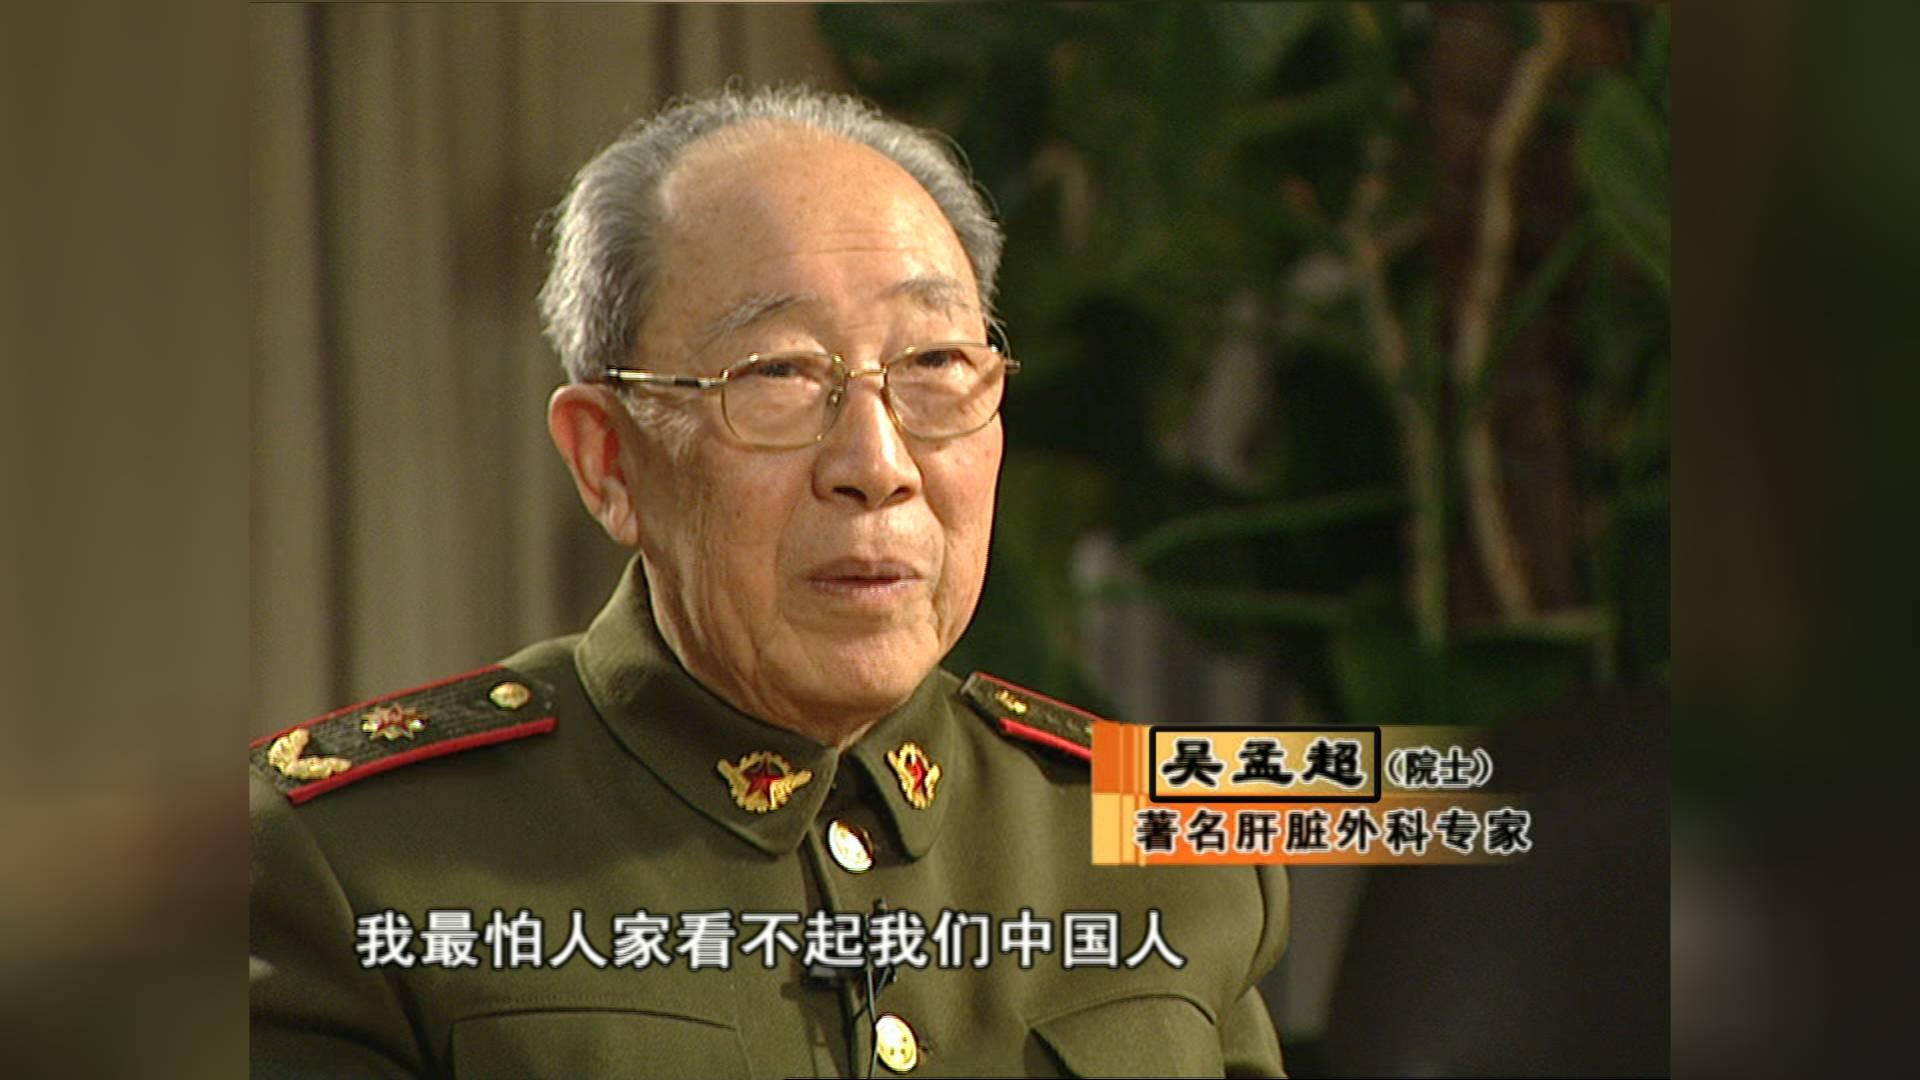 吴孟超:我最怕人家看不起我们中国人,所以必须要强国!